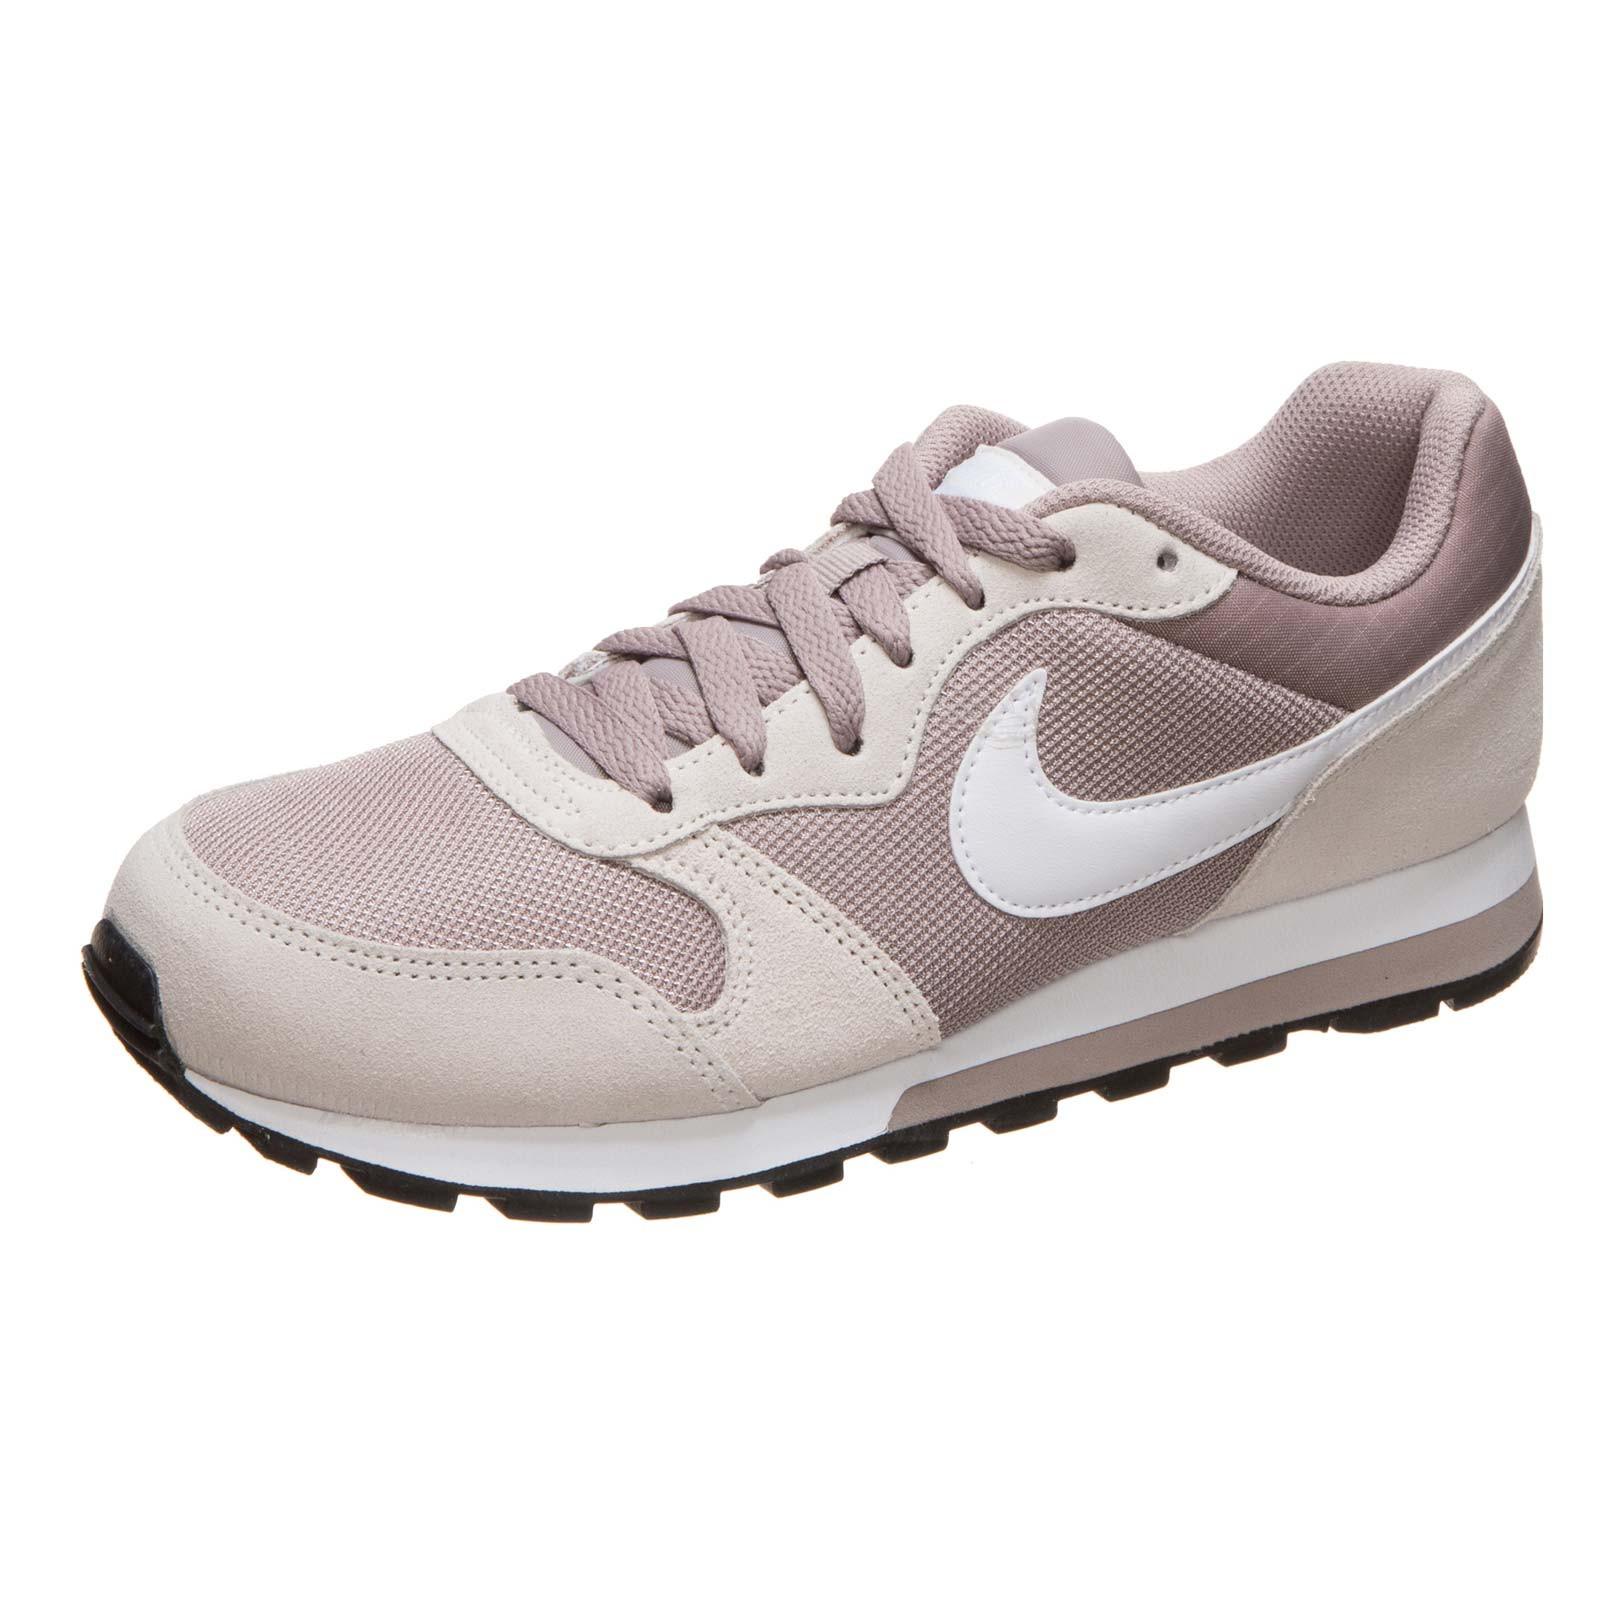 Obligatorio Mimar personalidad  Zapatillas Nike Wmns Md Runner 2 Sportswear para Mujer | Runa Store